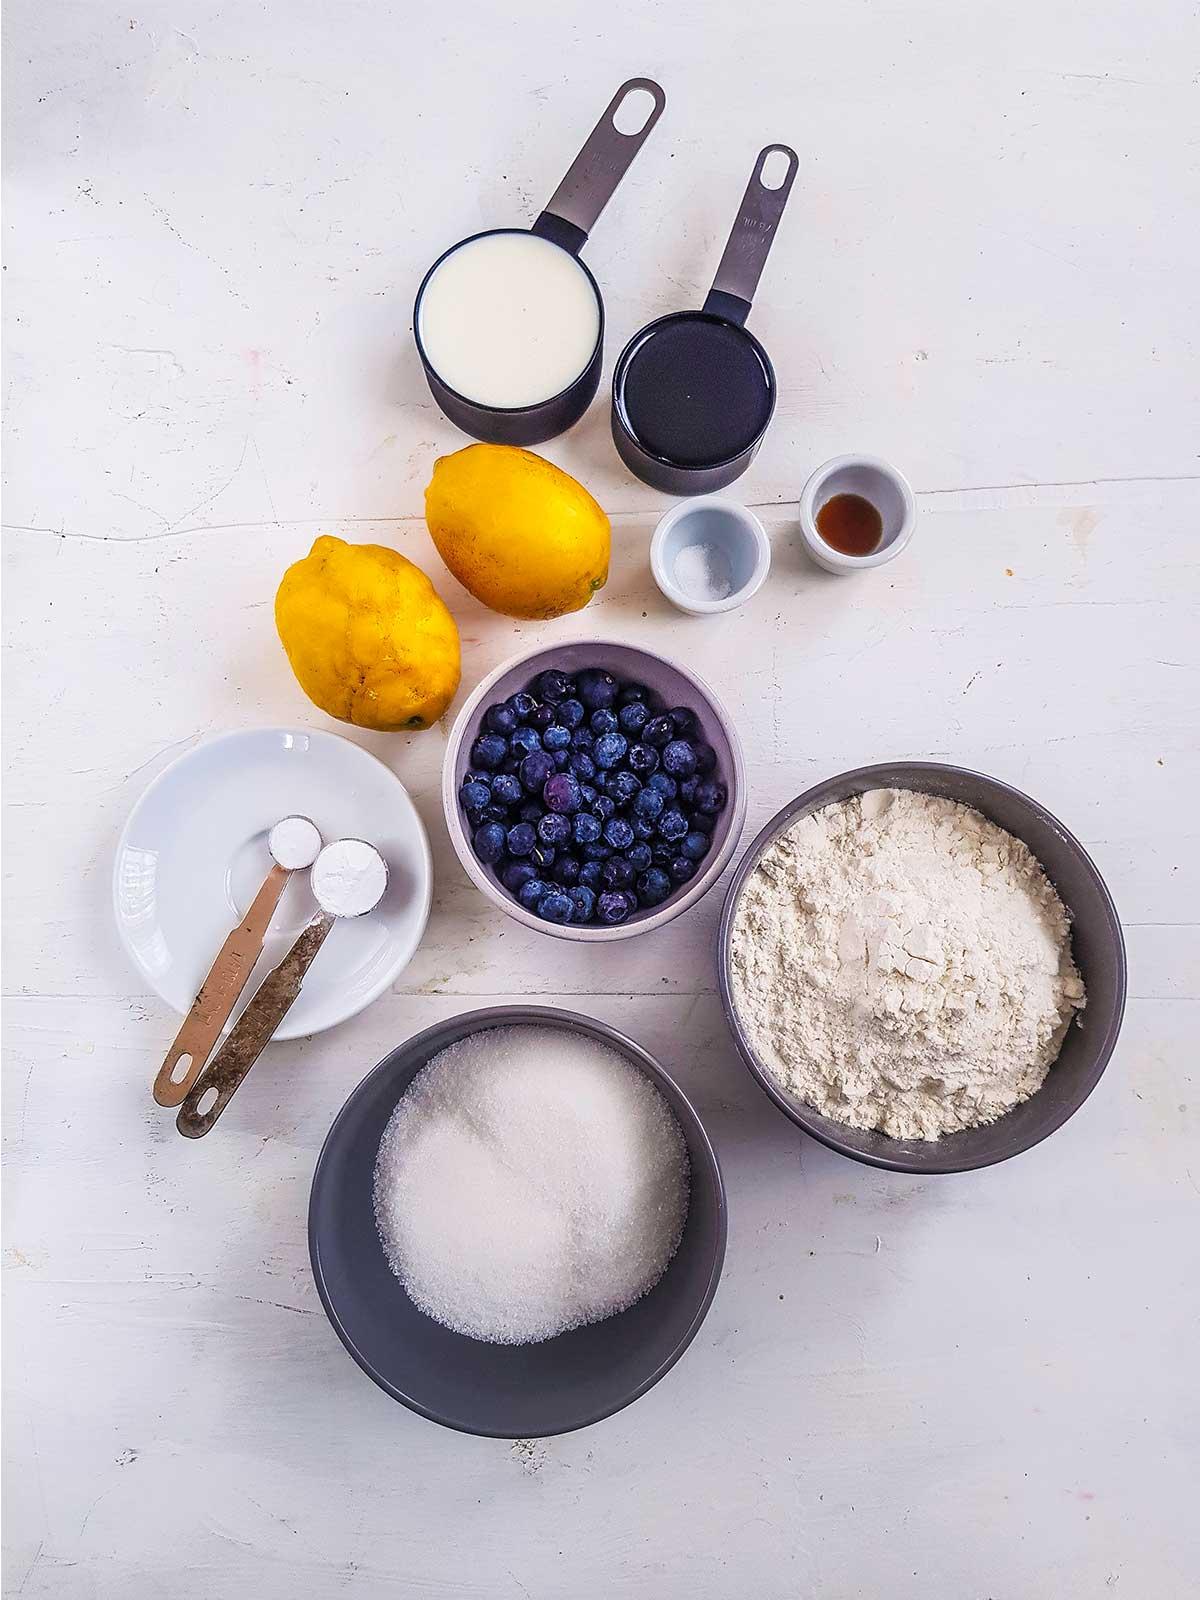 Vegan Blueberry lemon muffins Ingredients